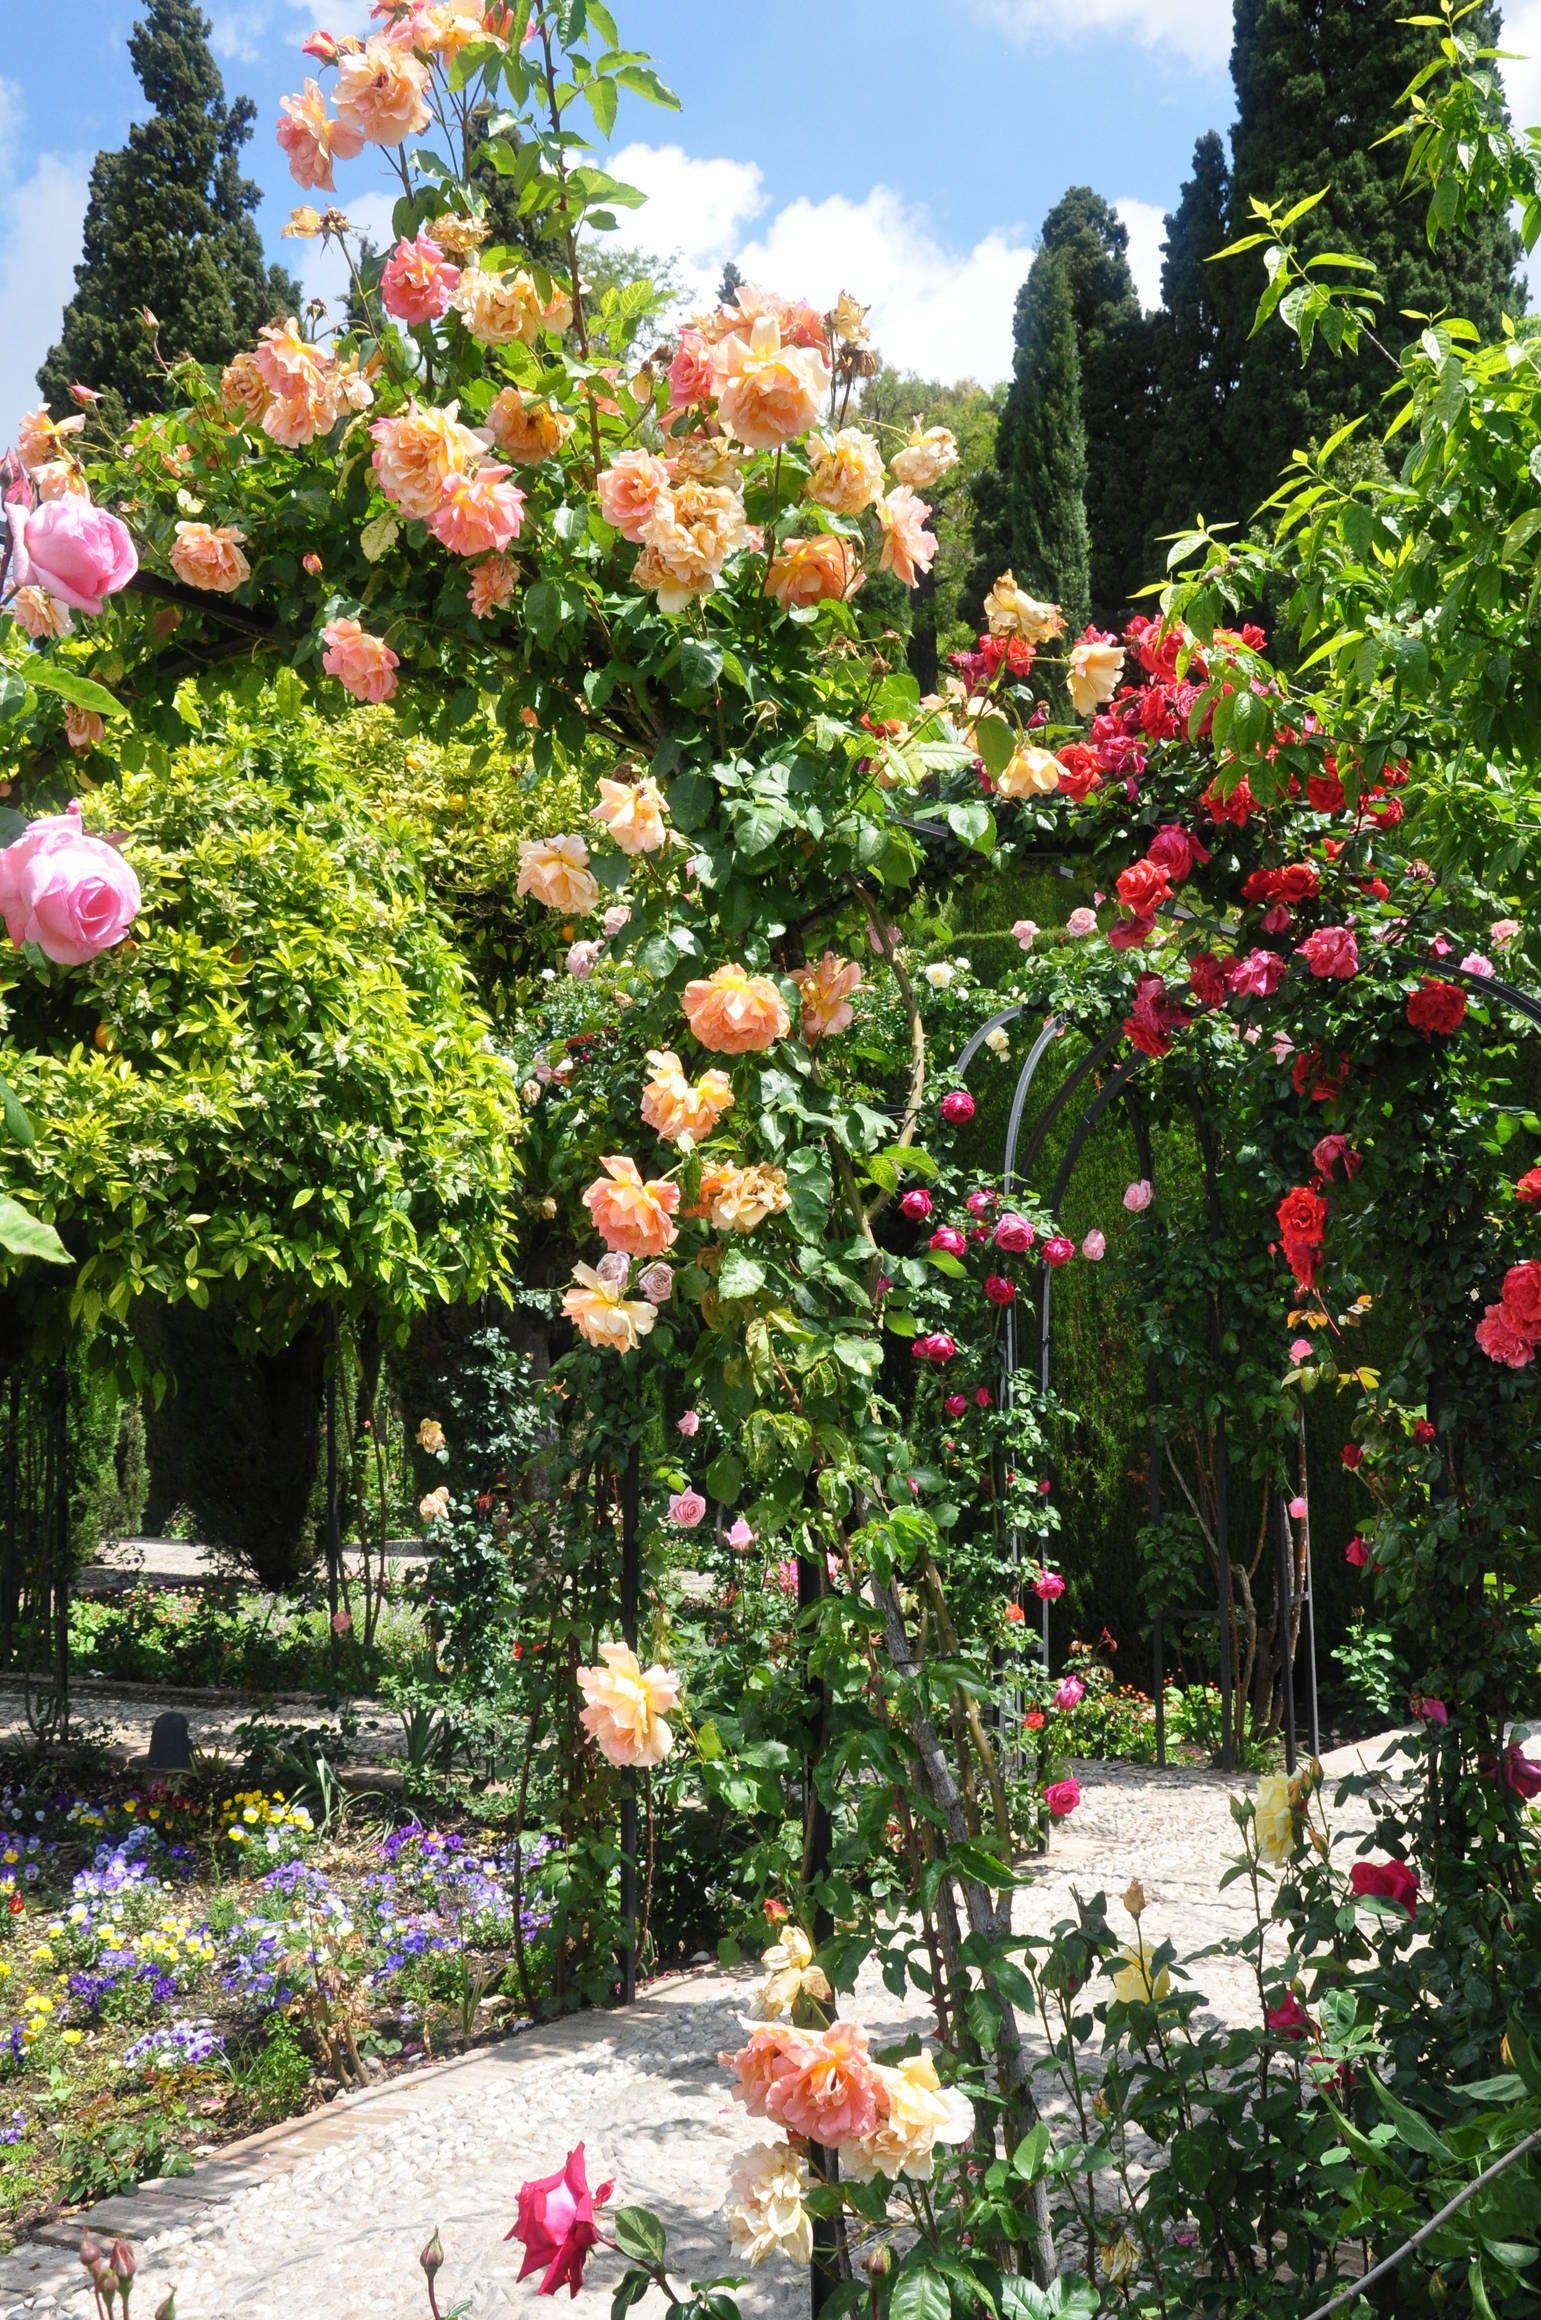 Rosiers des jardins du generalife de l alhambra vue sur le jardin jardins cordoue et andalousie - Par vue de jardin ...